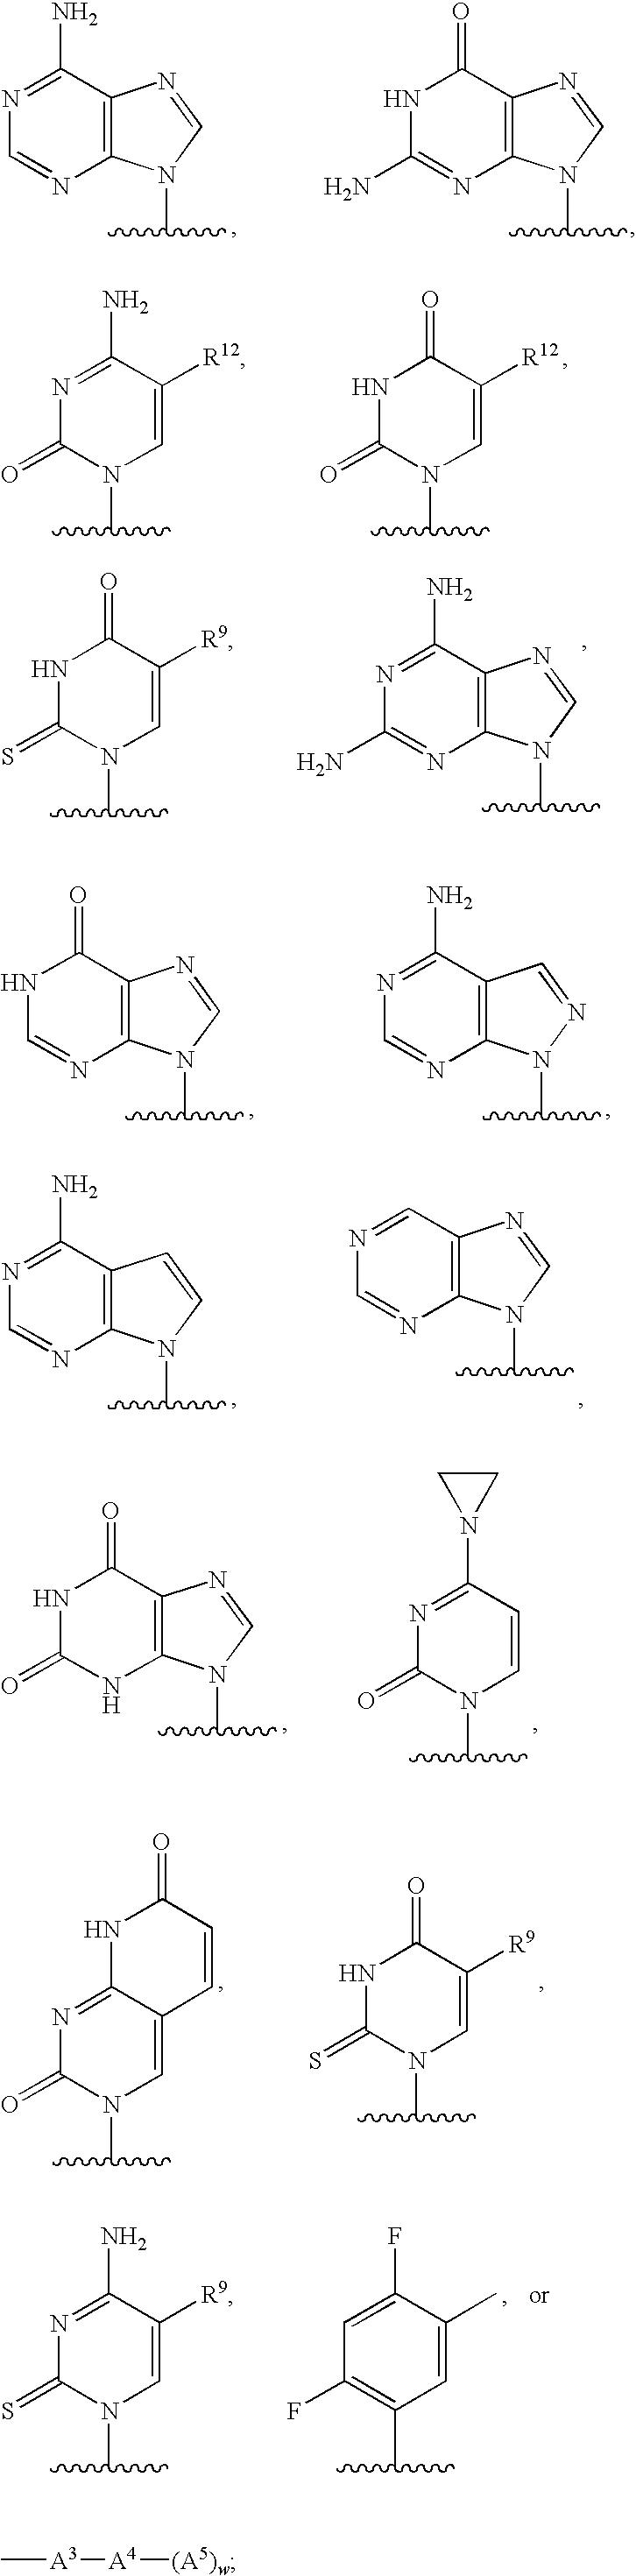 Figure US07723512-20100525-C00112